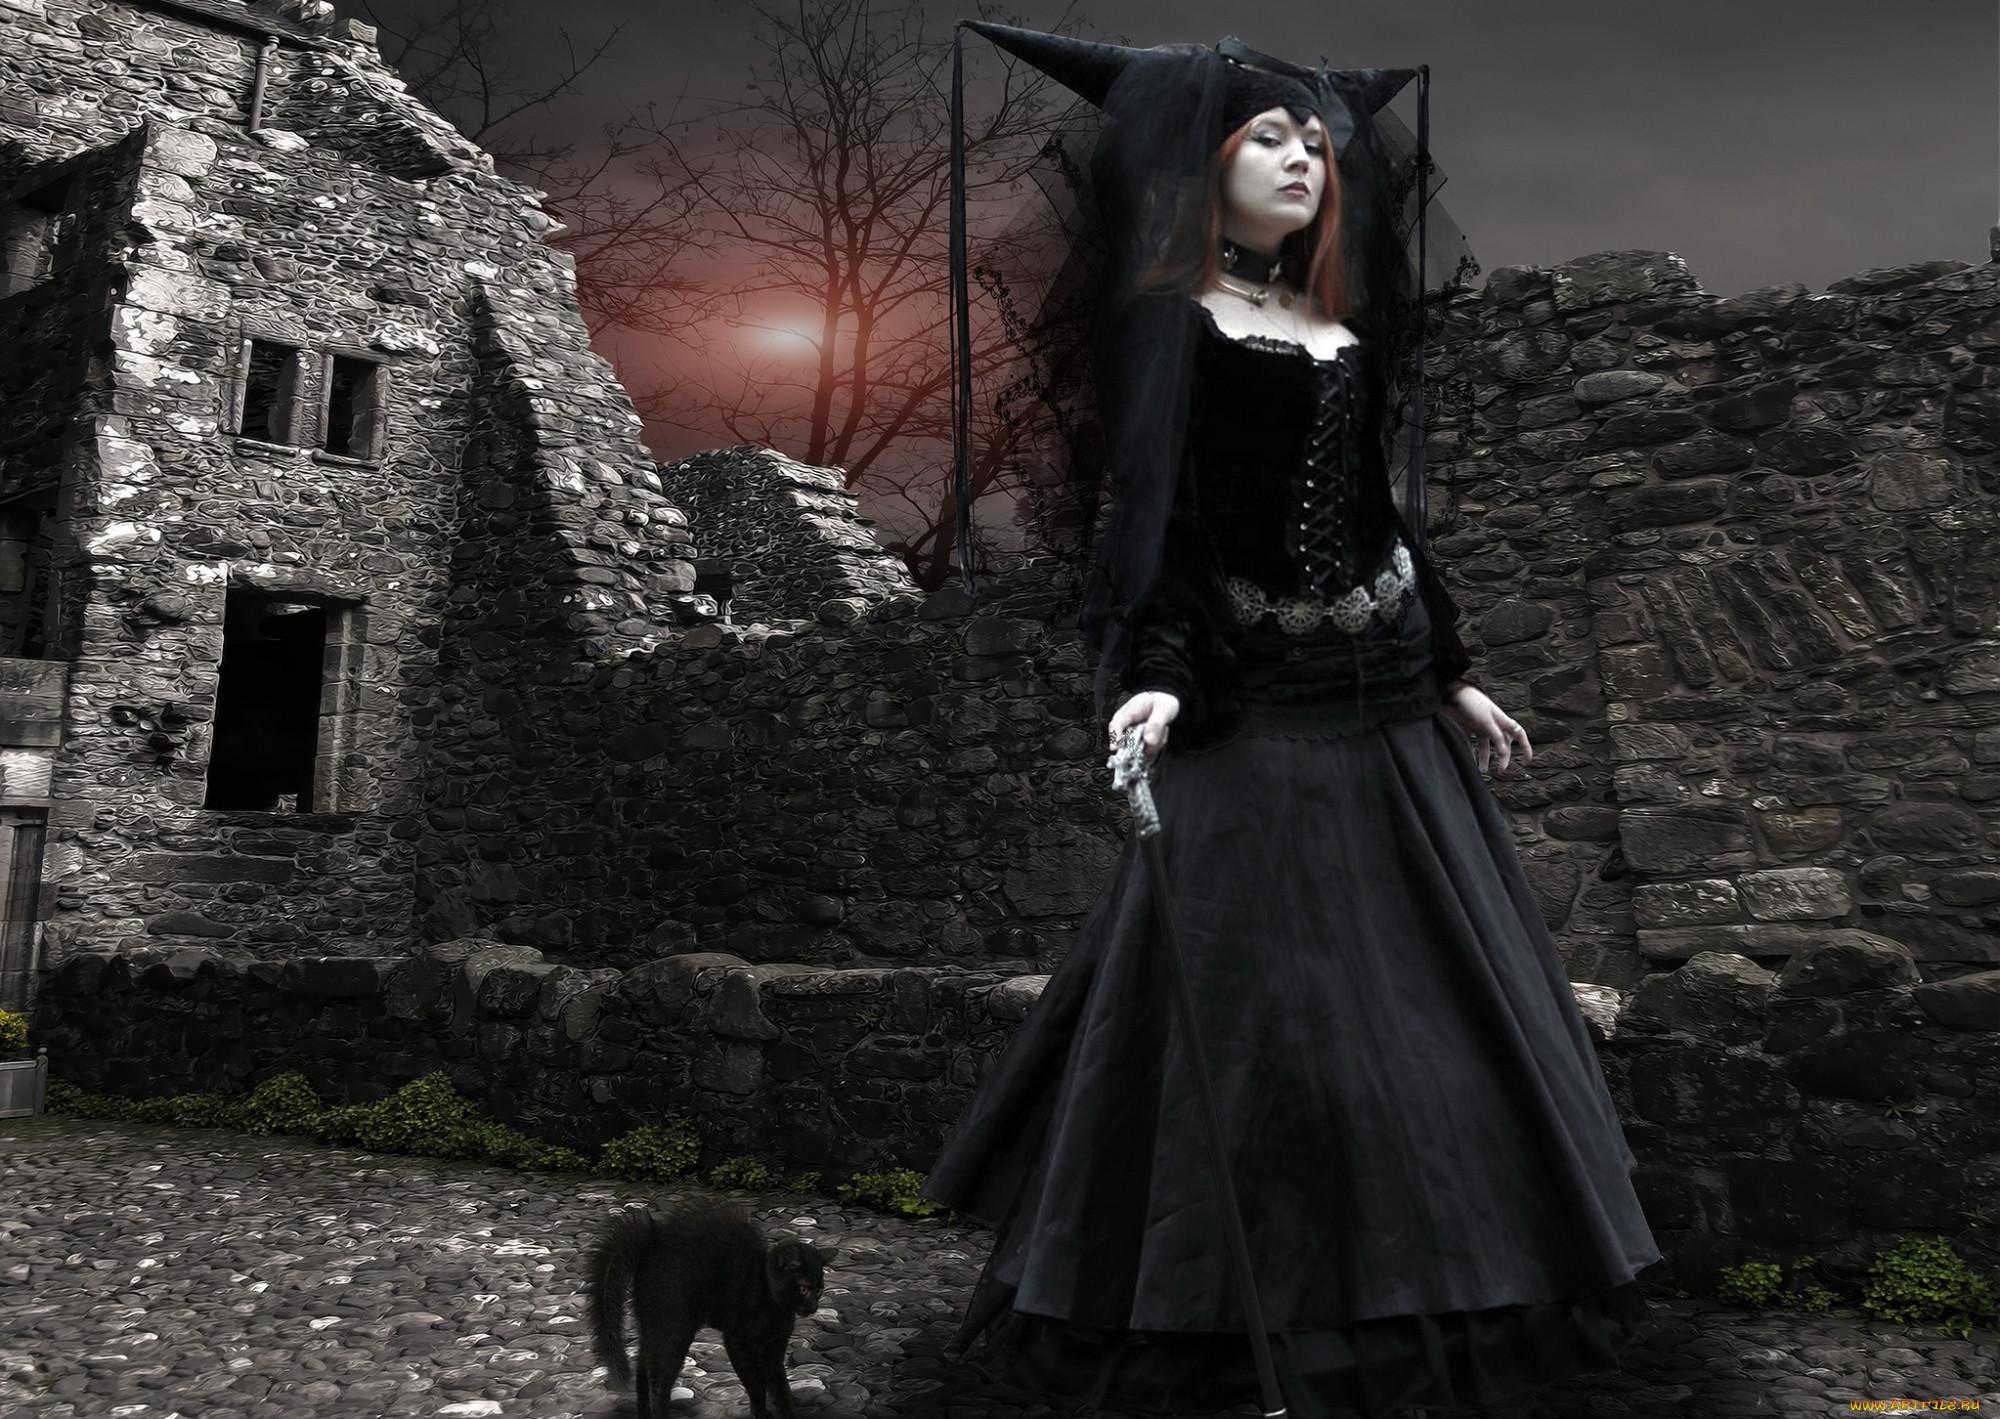 замок ведьмочек картинки гостиной часто